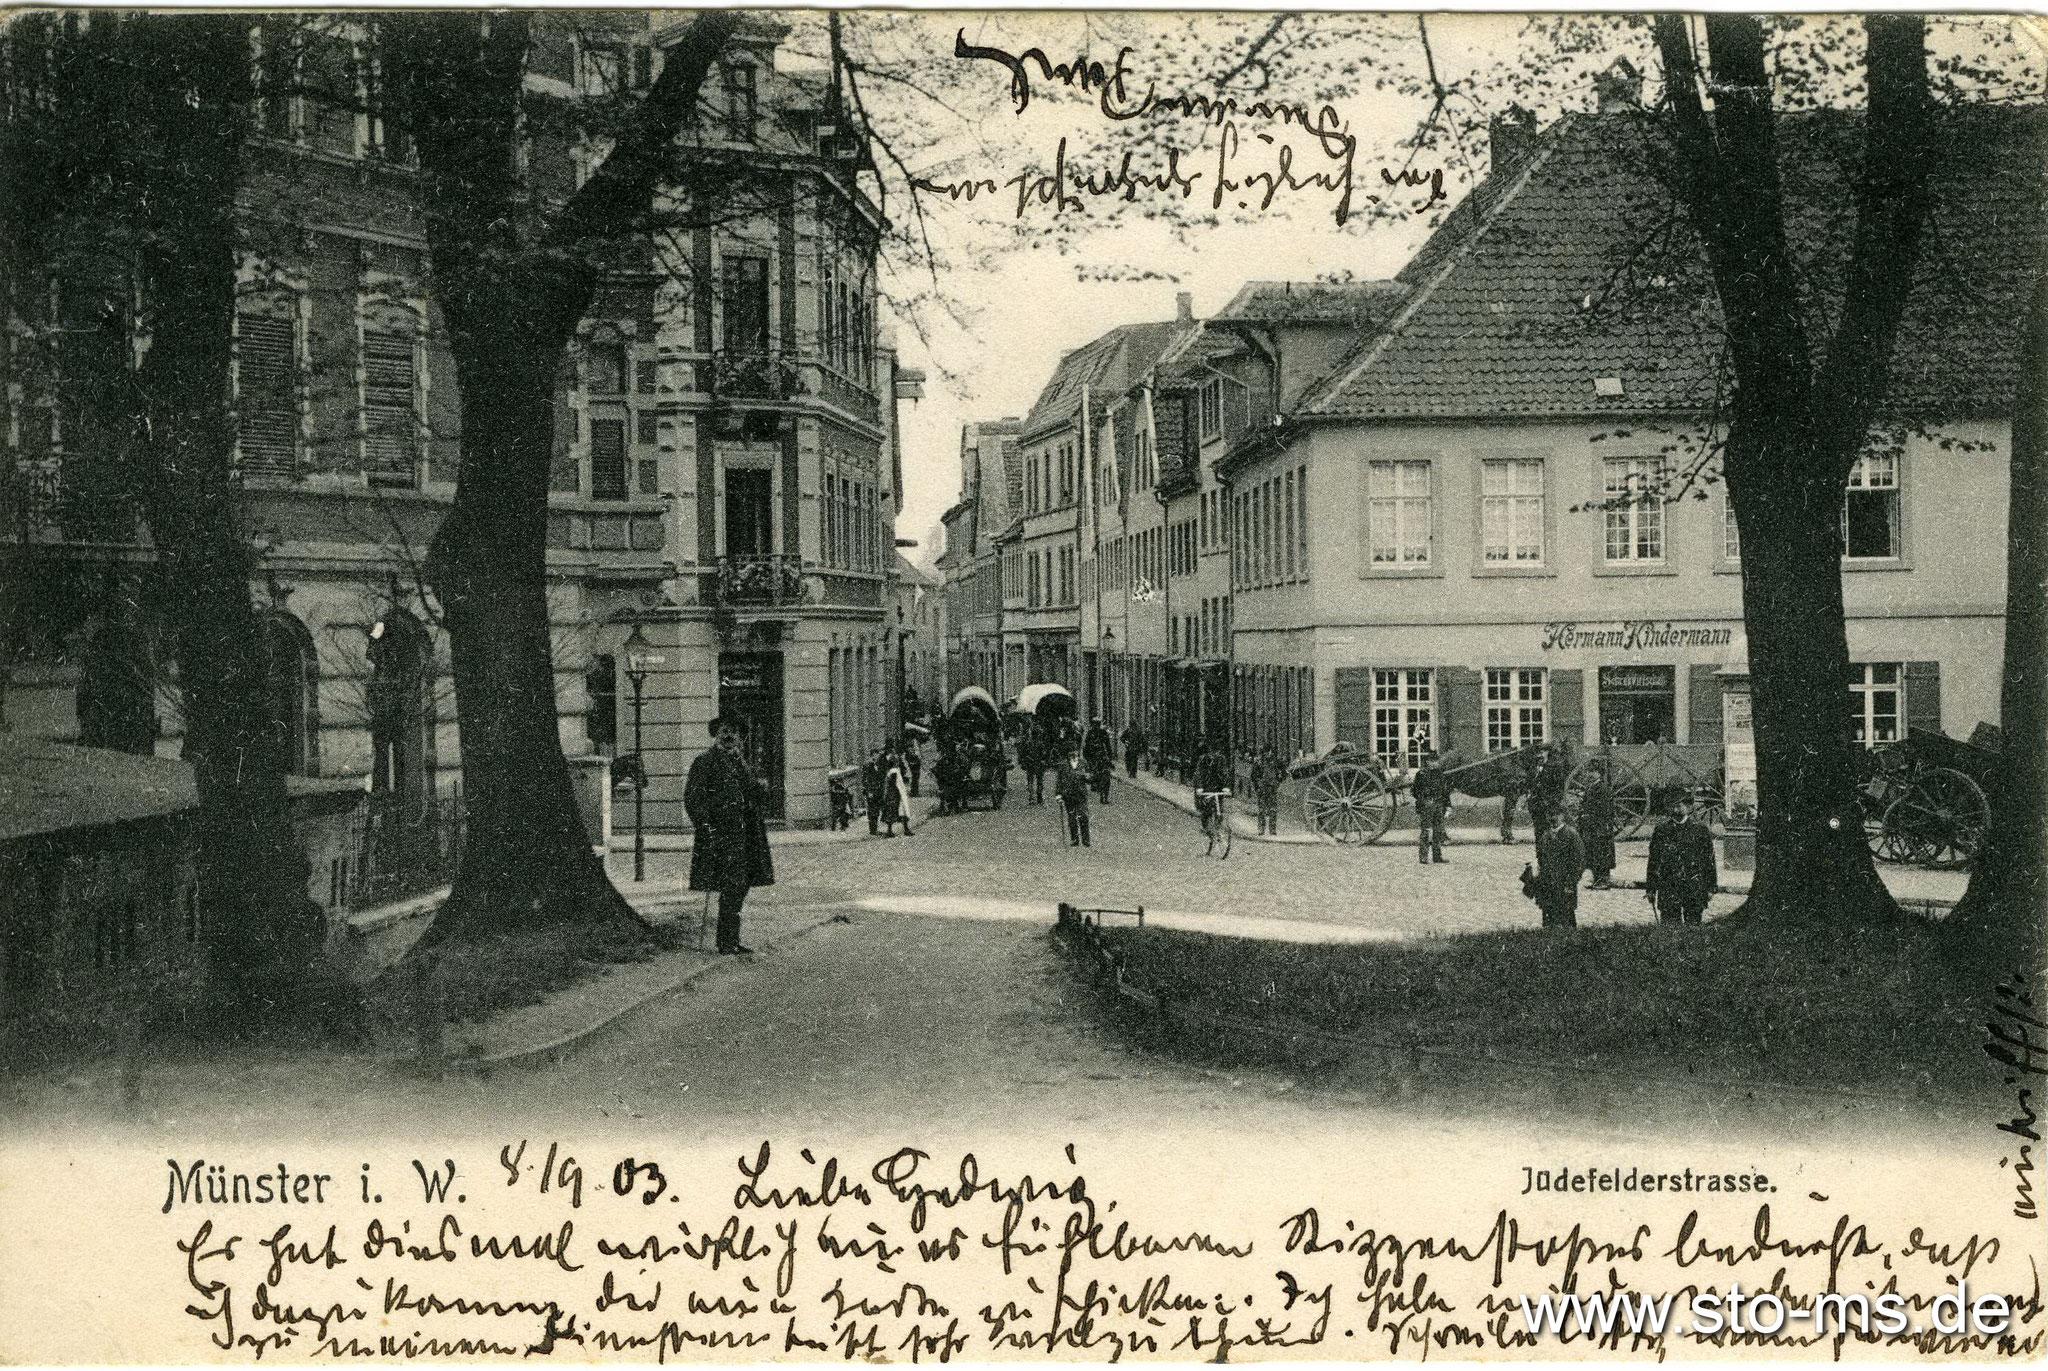 Jüdefelderstraße